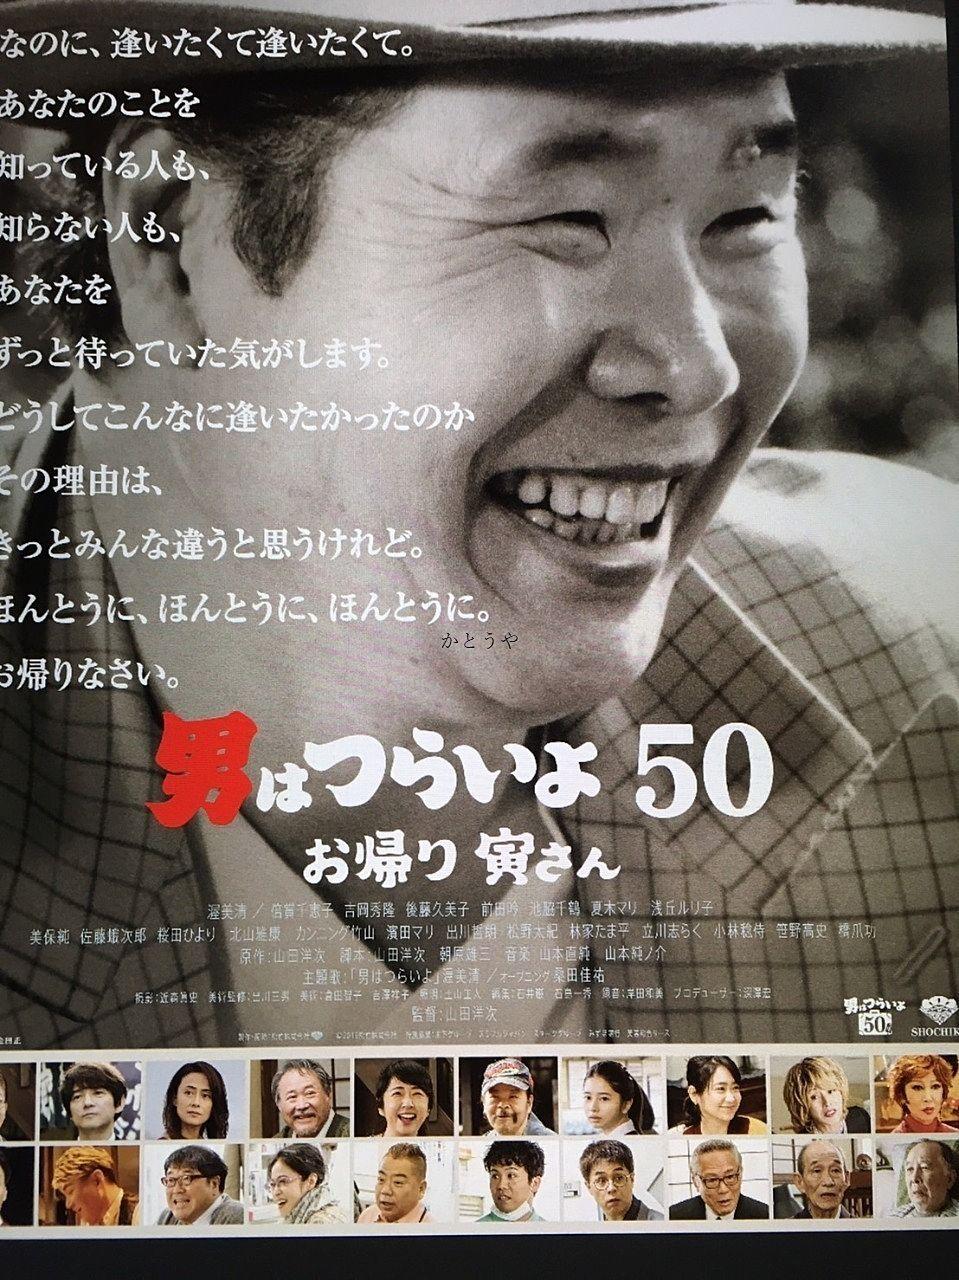 テラスモール松戸で男はつらいよ50を観てきました